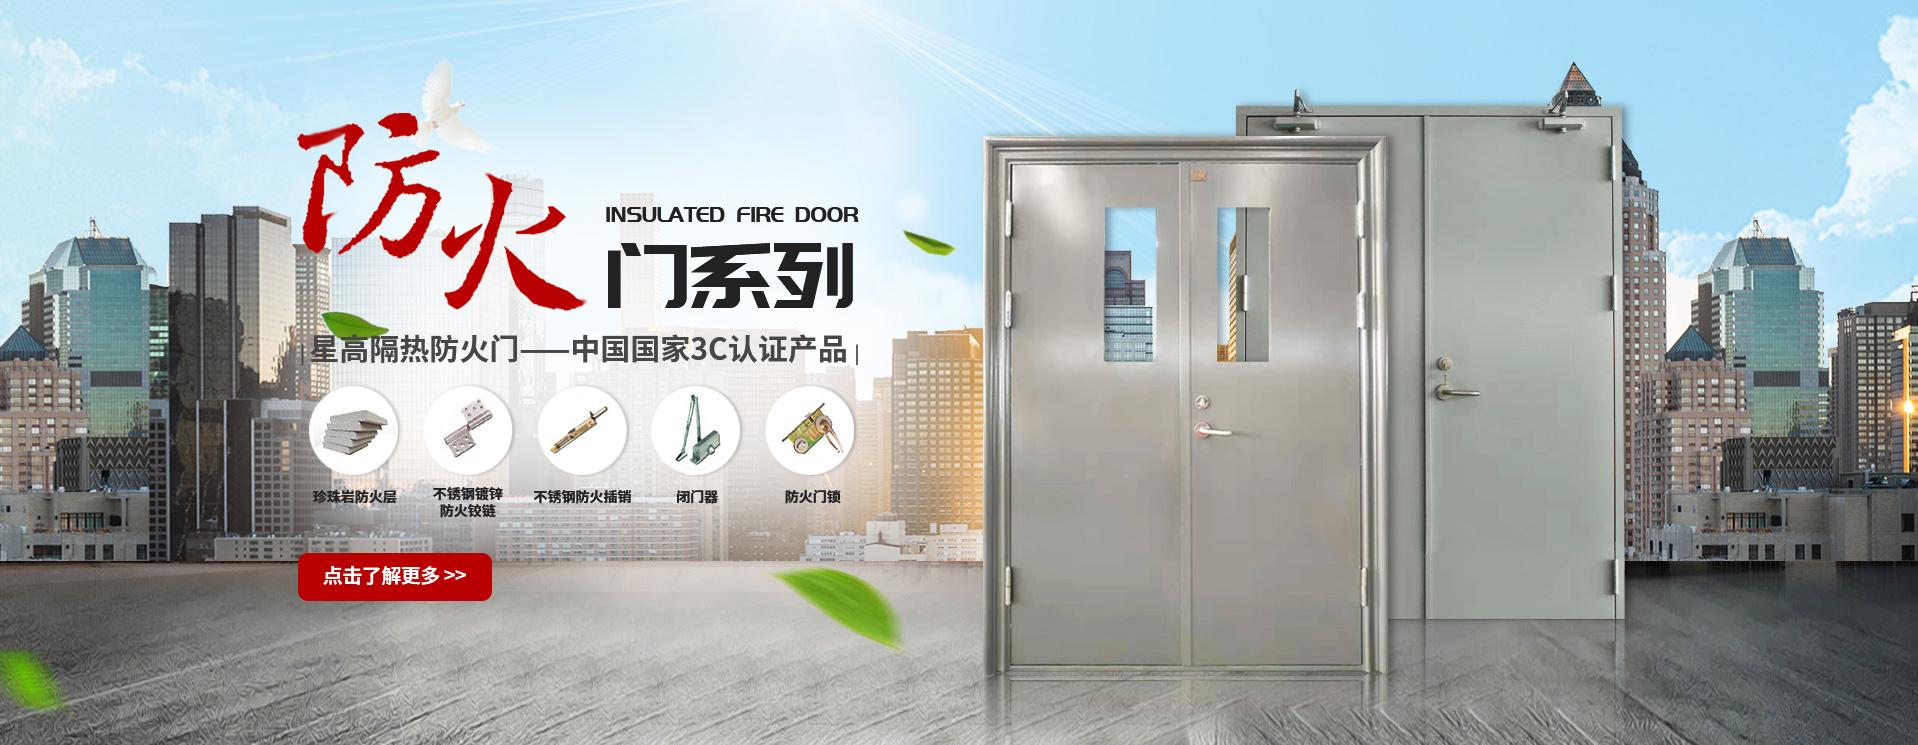 河南省高星实业股份有限公司